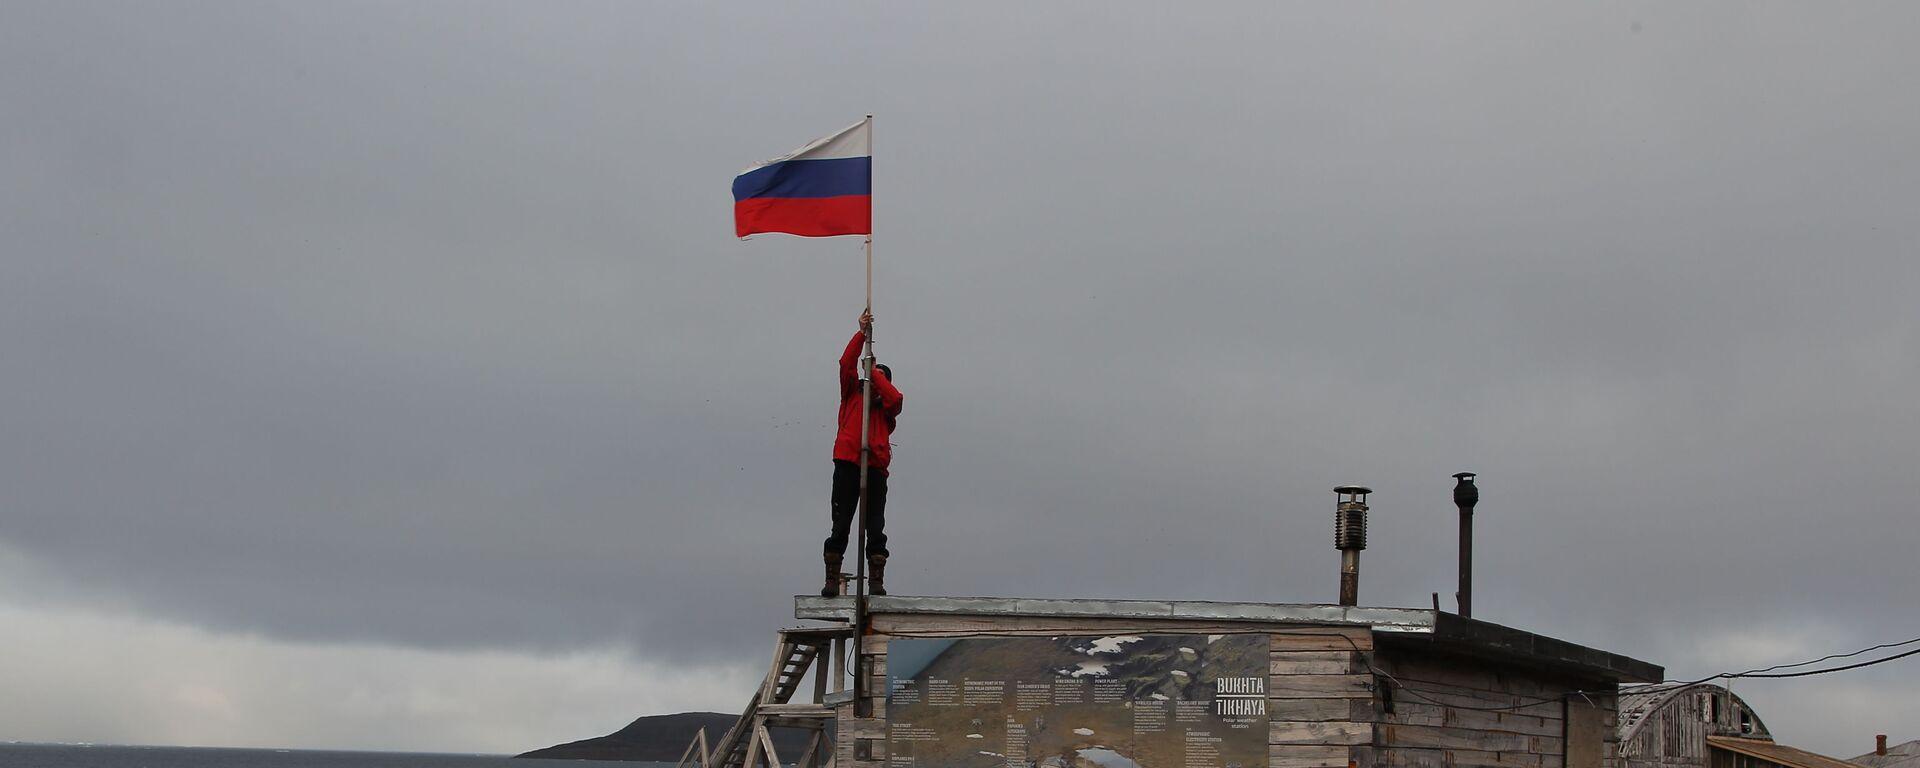 Národní park Ruská Arktida - Sputnik Česká republika, 1920, 22.05.2021